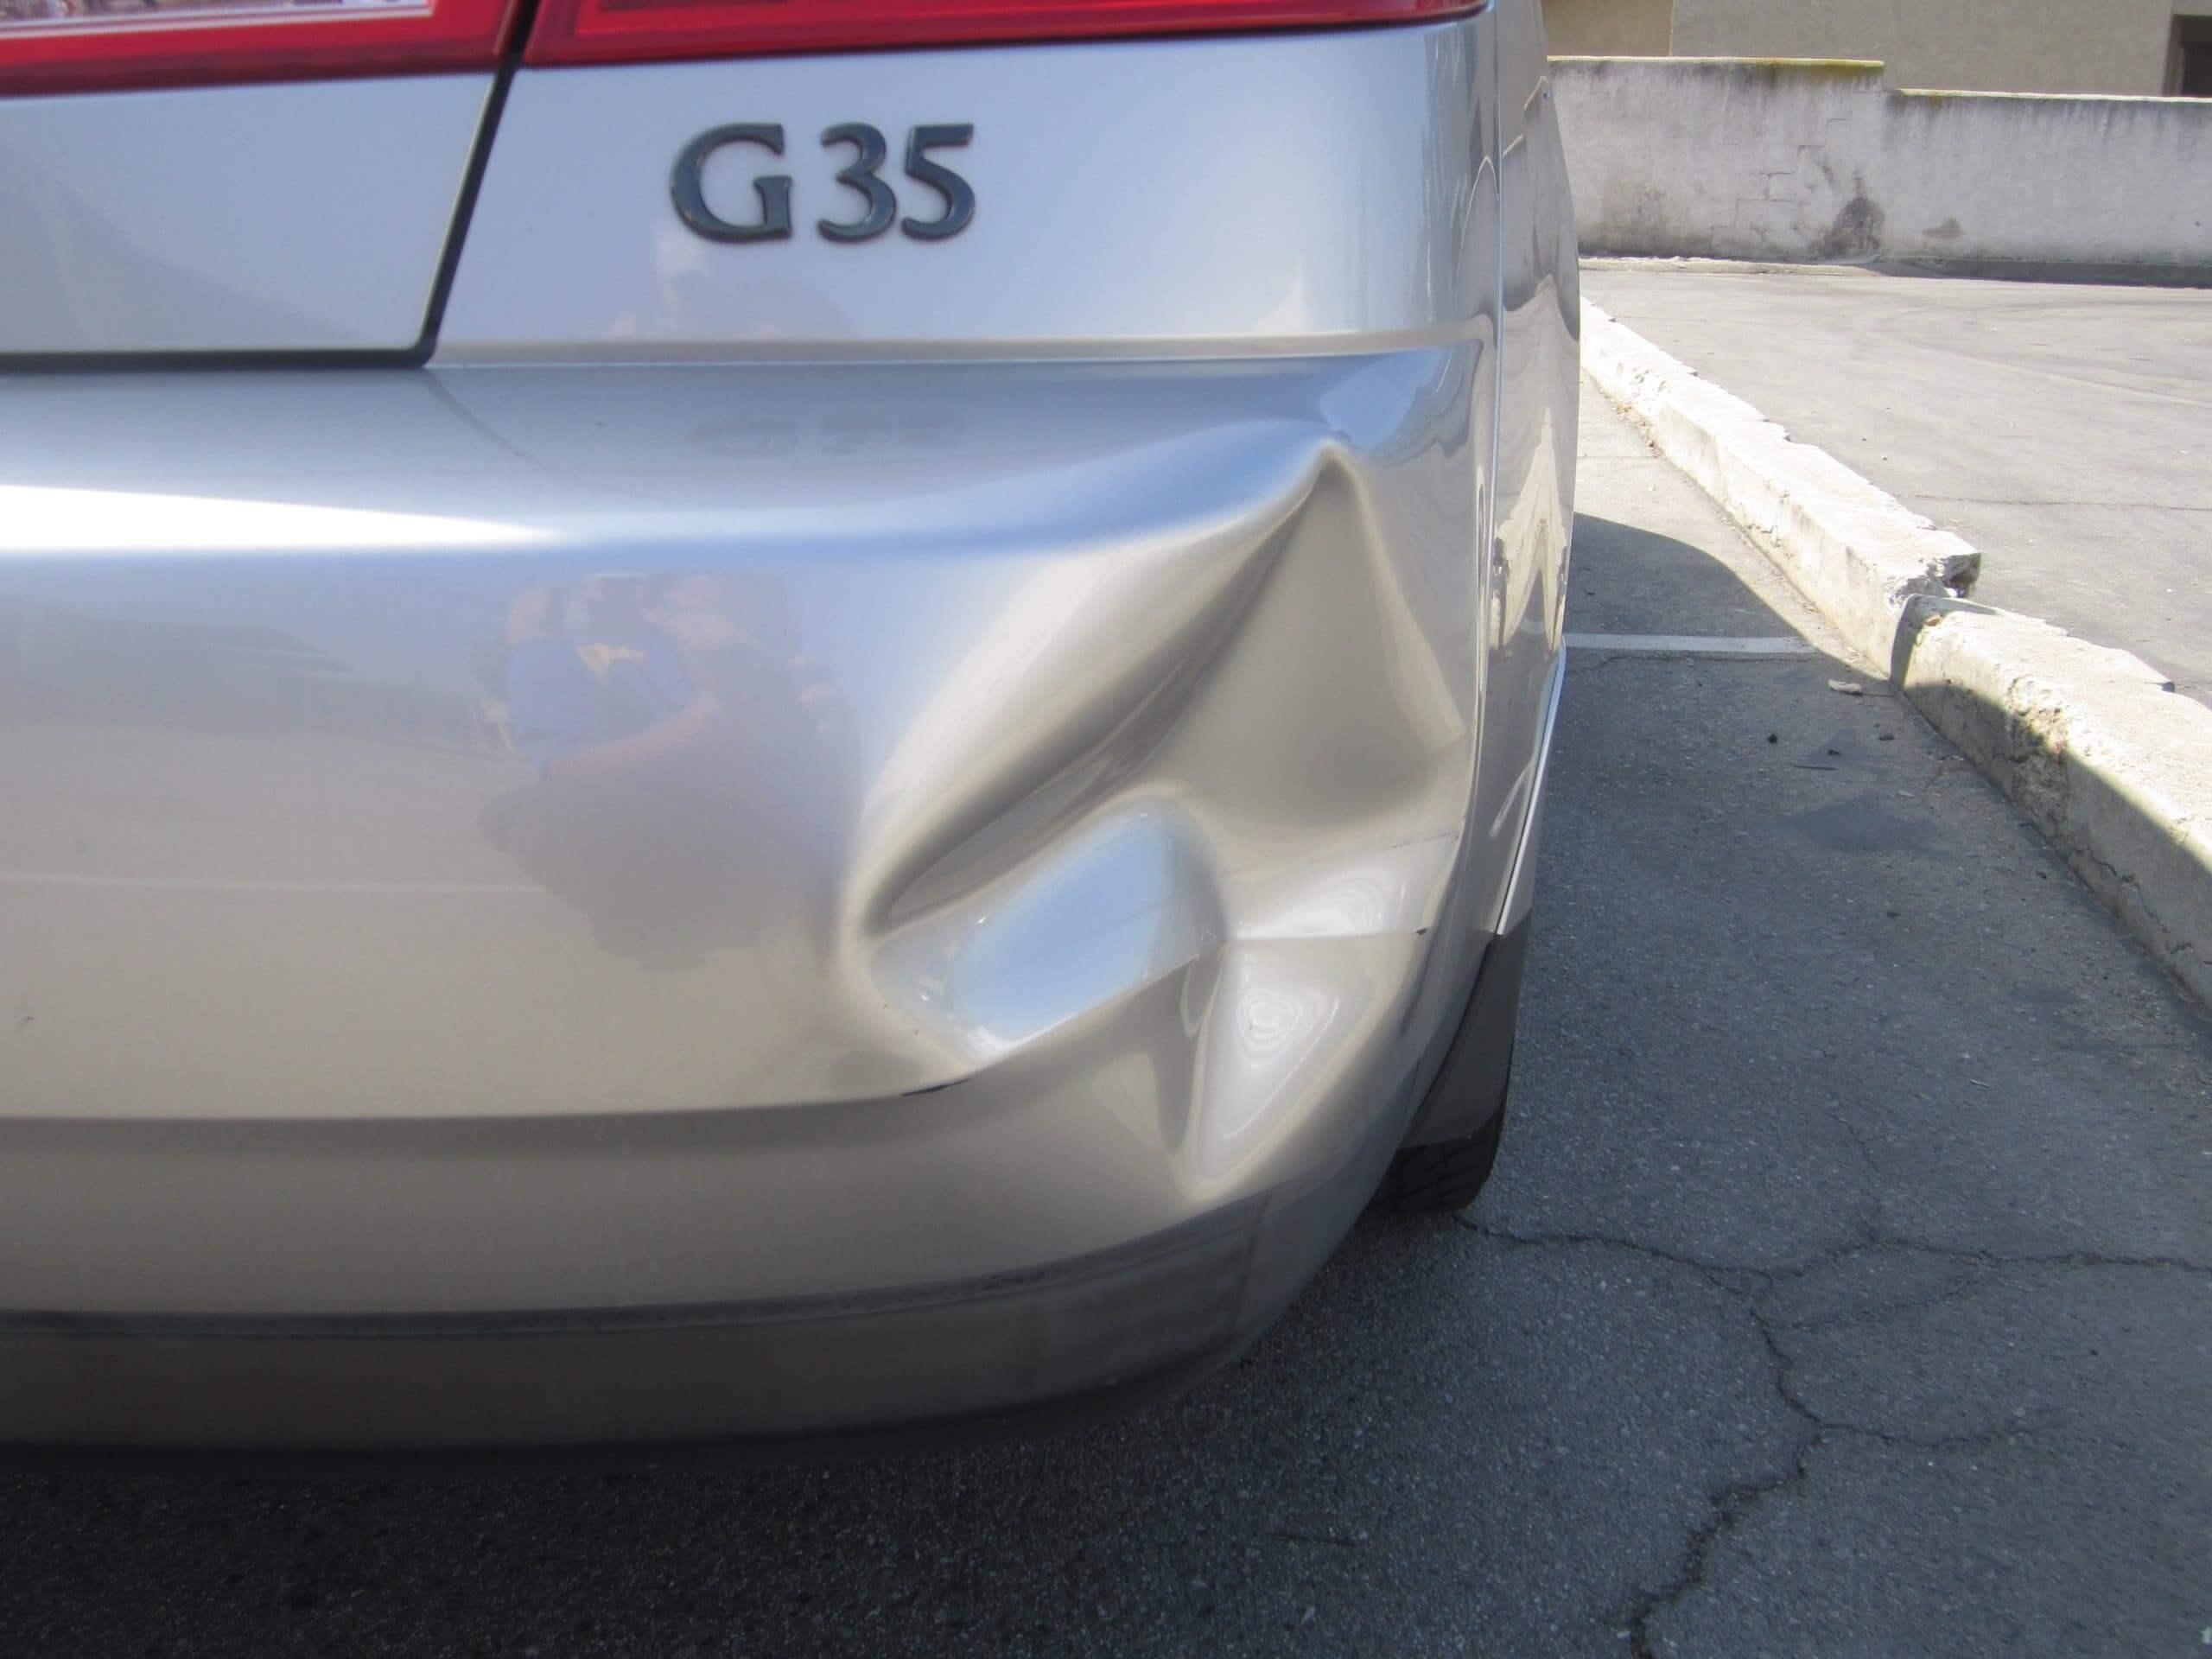 G35 Dent